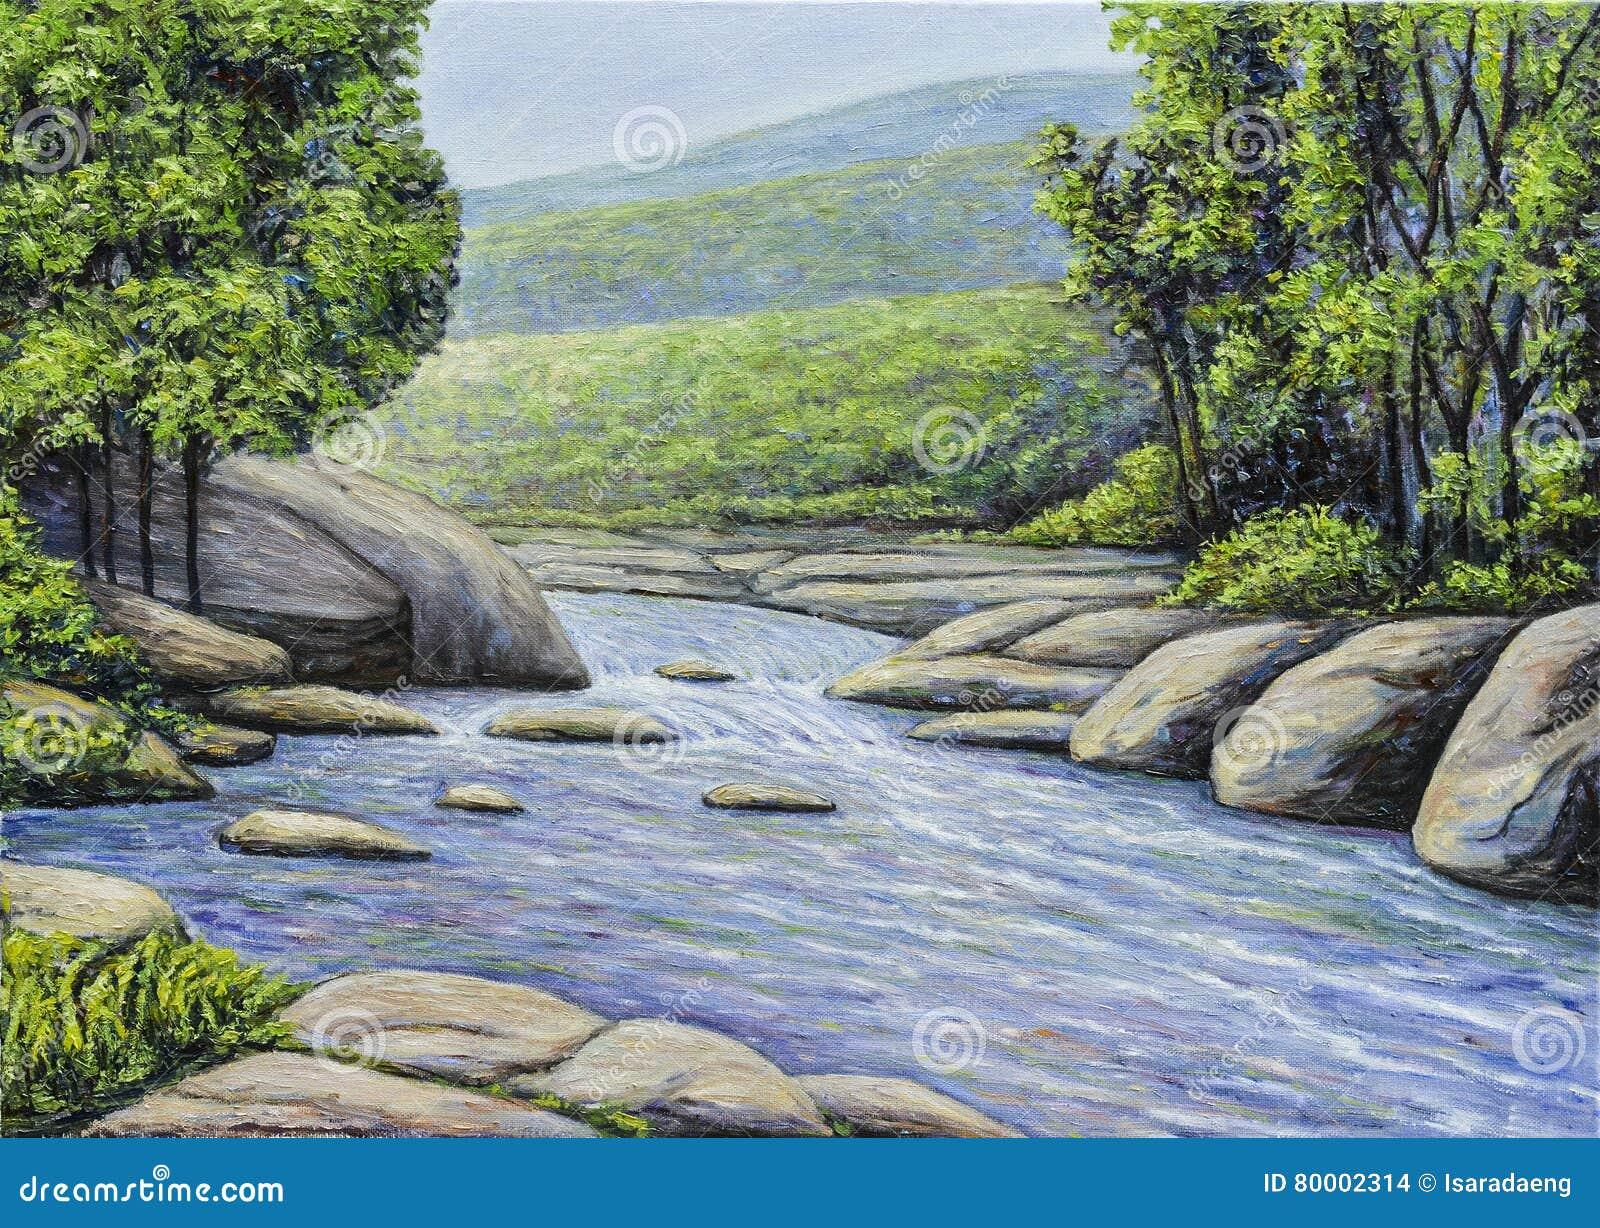 Peinture à L'huile De Beau Courant De Rivière Photo stock - Image du fond, métier: 80002314